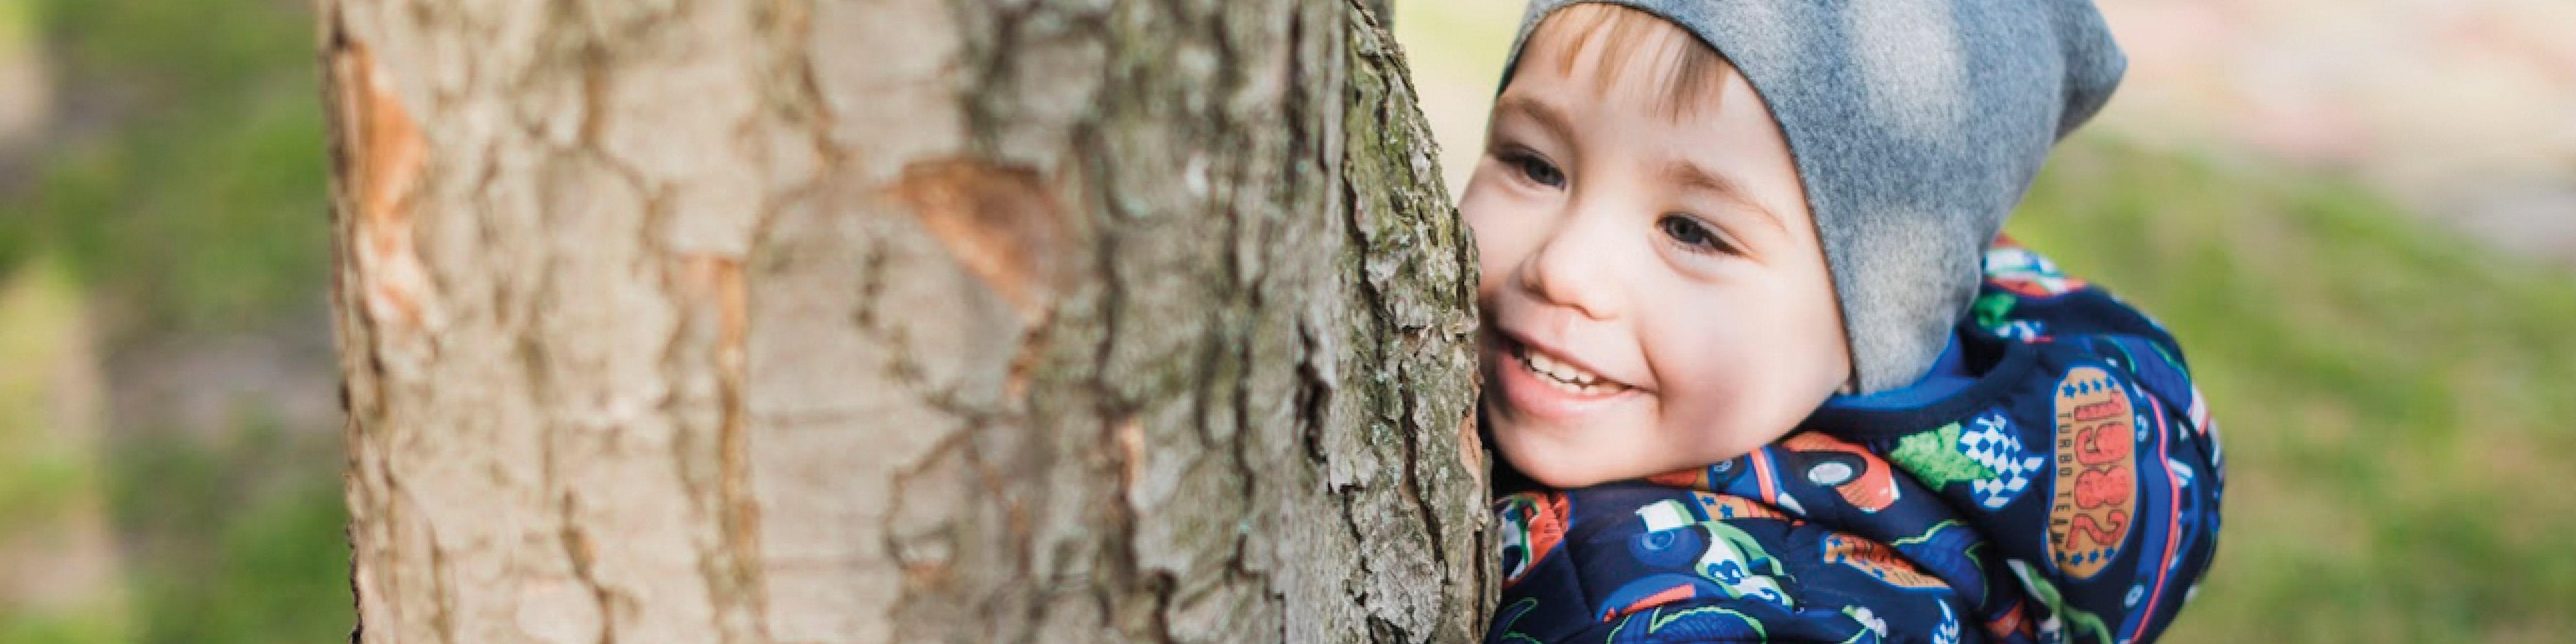 Comment sensibiliser les enfants à l'écologie de manière positive ?